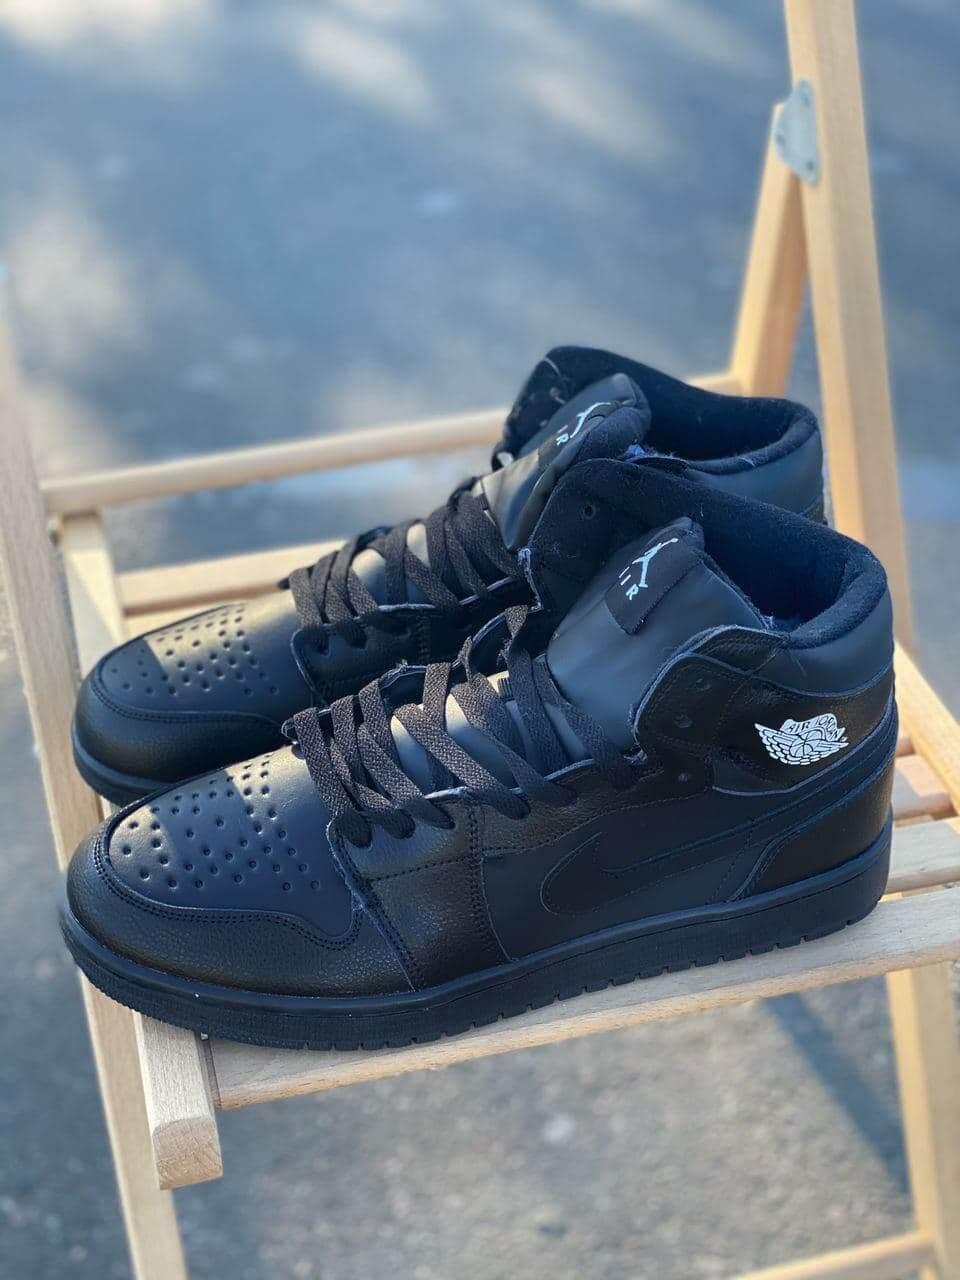 Кожаные высокие зимние кроссовки на меху Nike Air Jordan Retro черного цвета (Найк Аир Джордан 41-46)